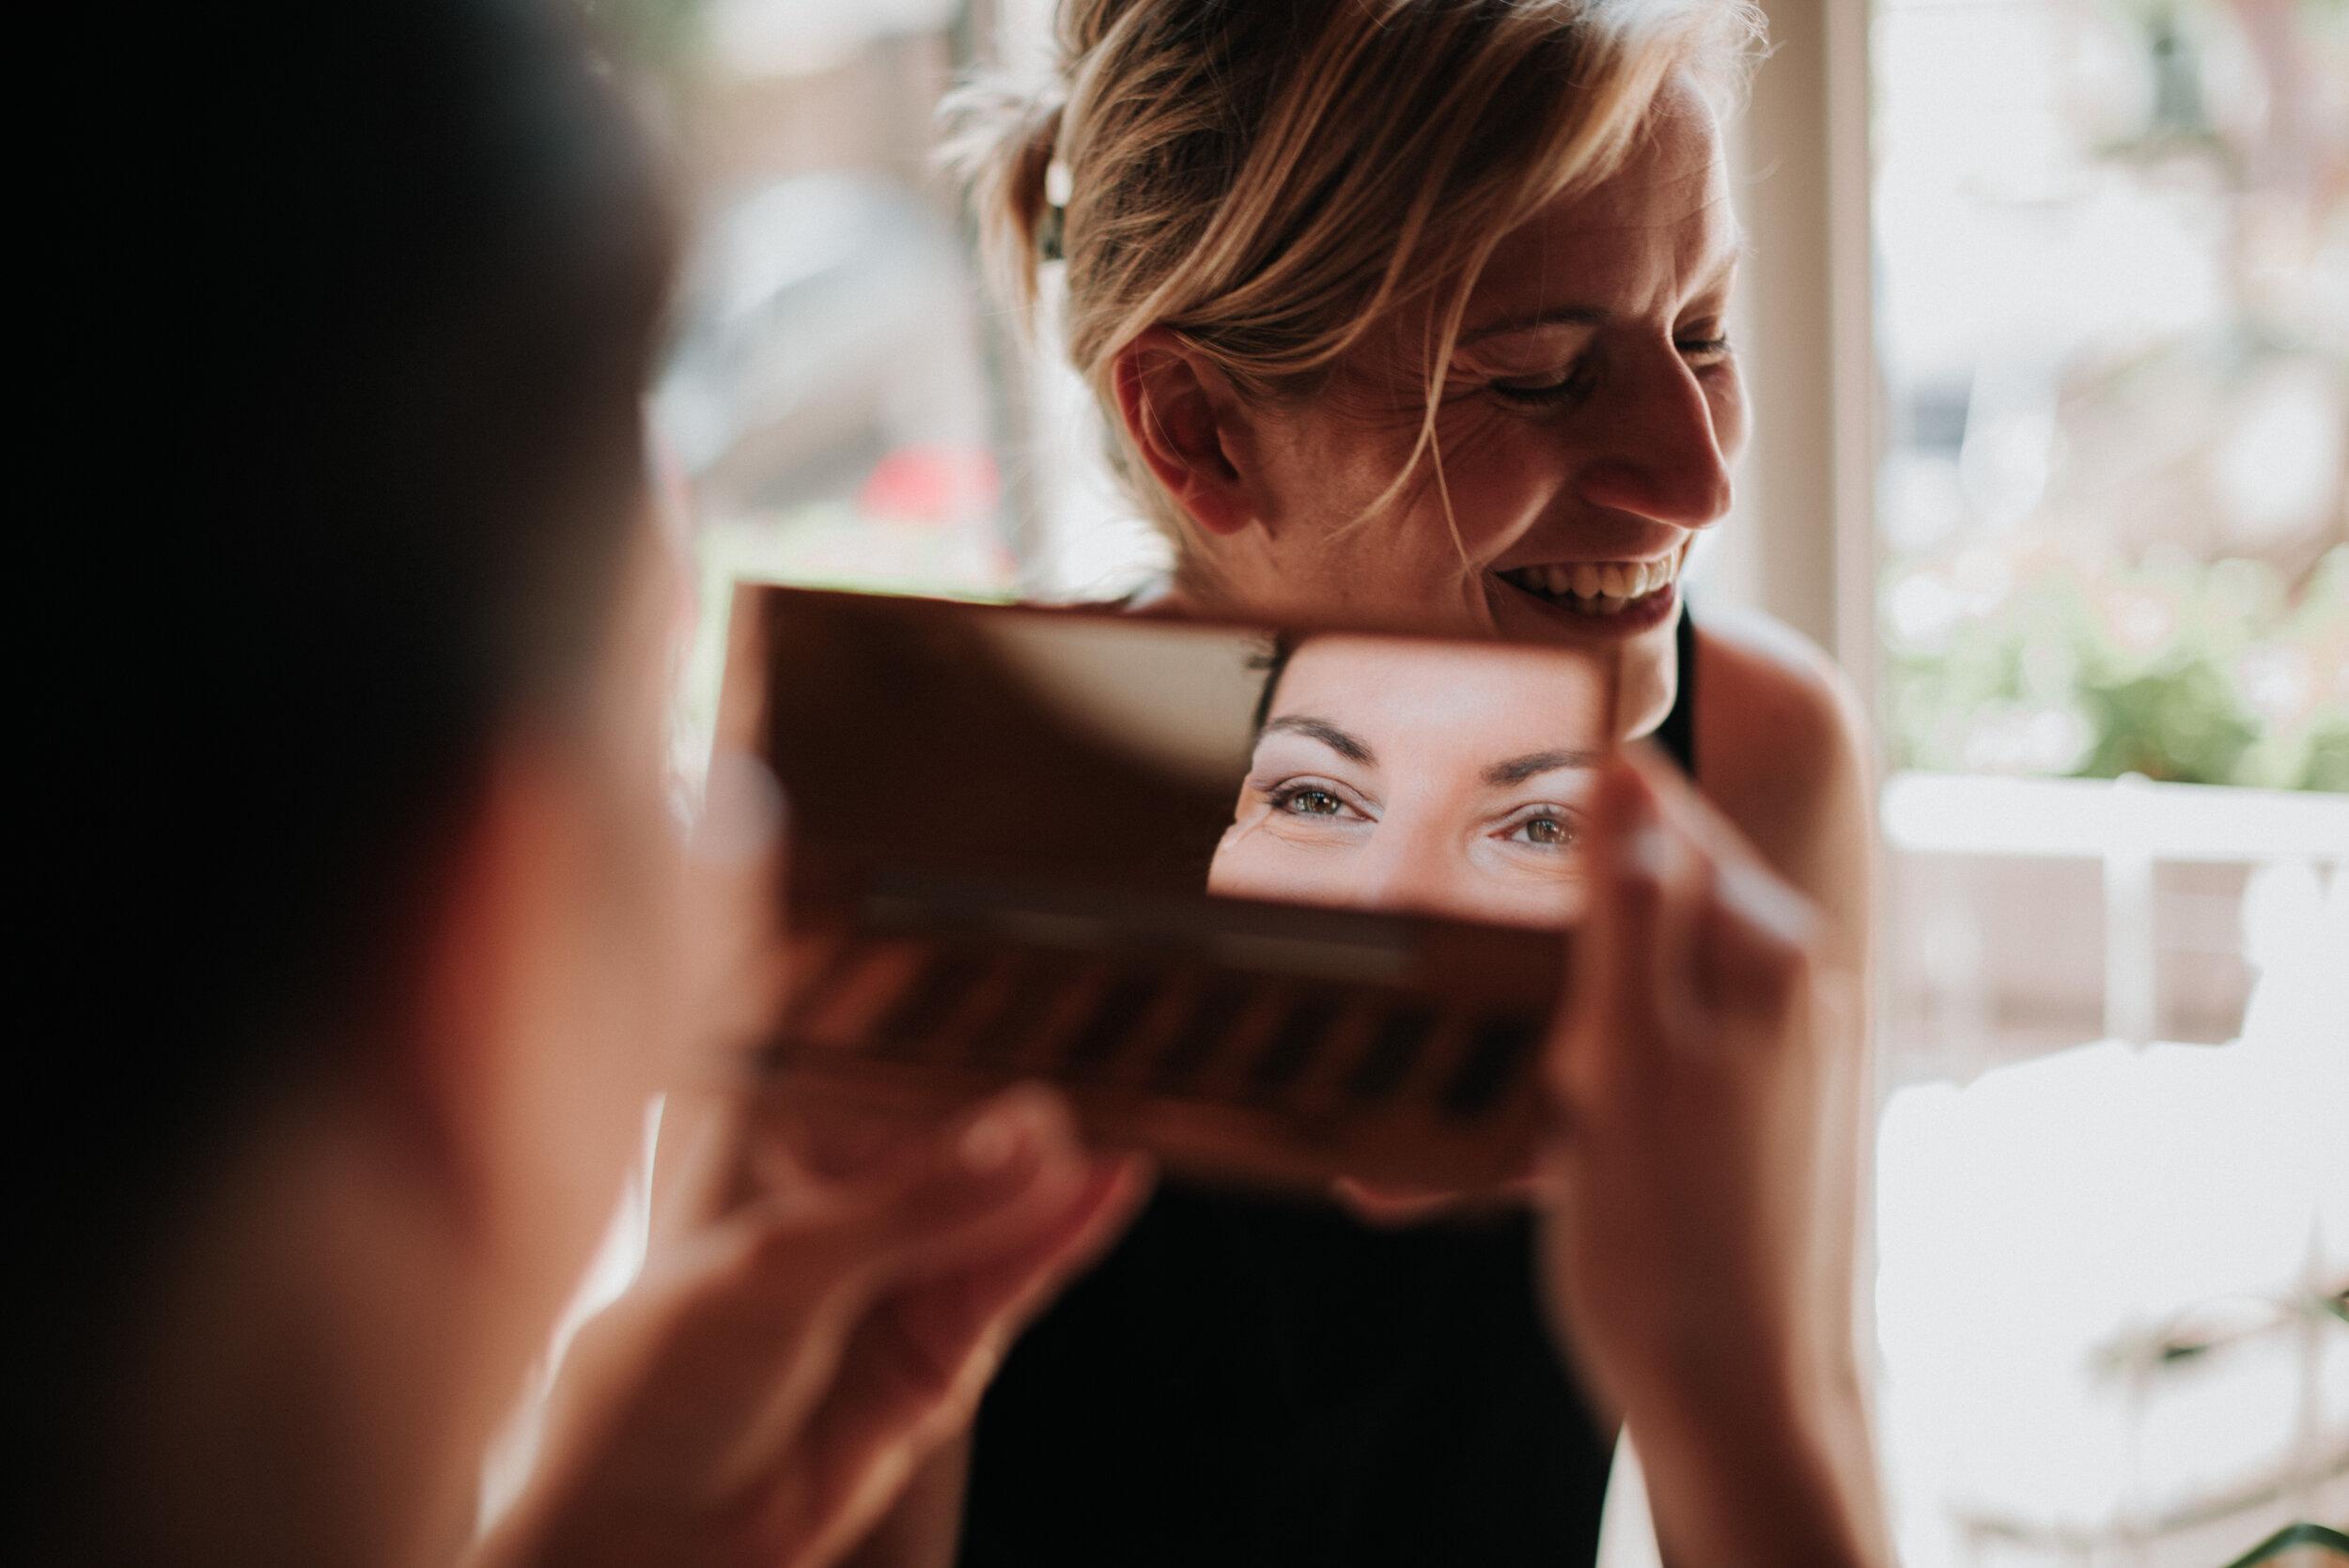 Léa-Fery-photographe-professionnel-lyon-rhone-alpes-portrait-creation-mariage-evenement-evenementiel-famille-4917.jpg